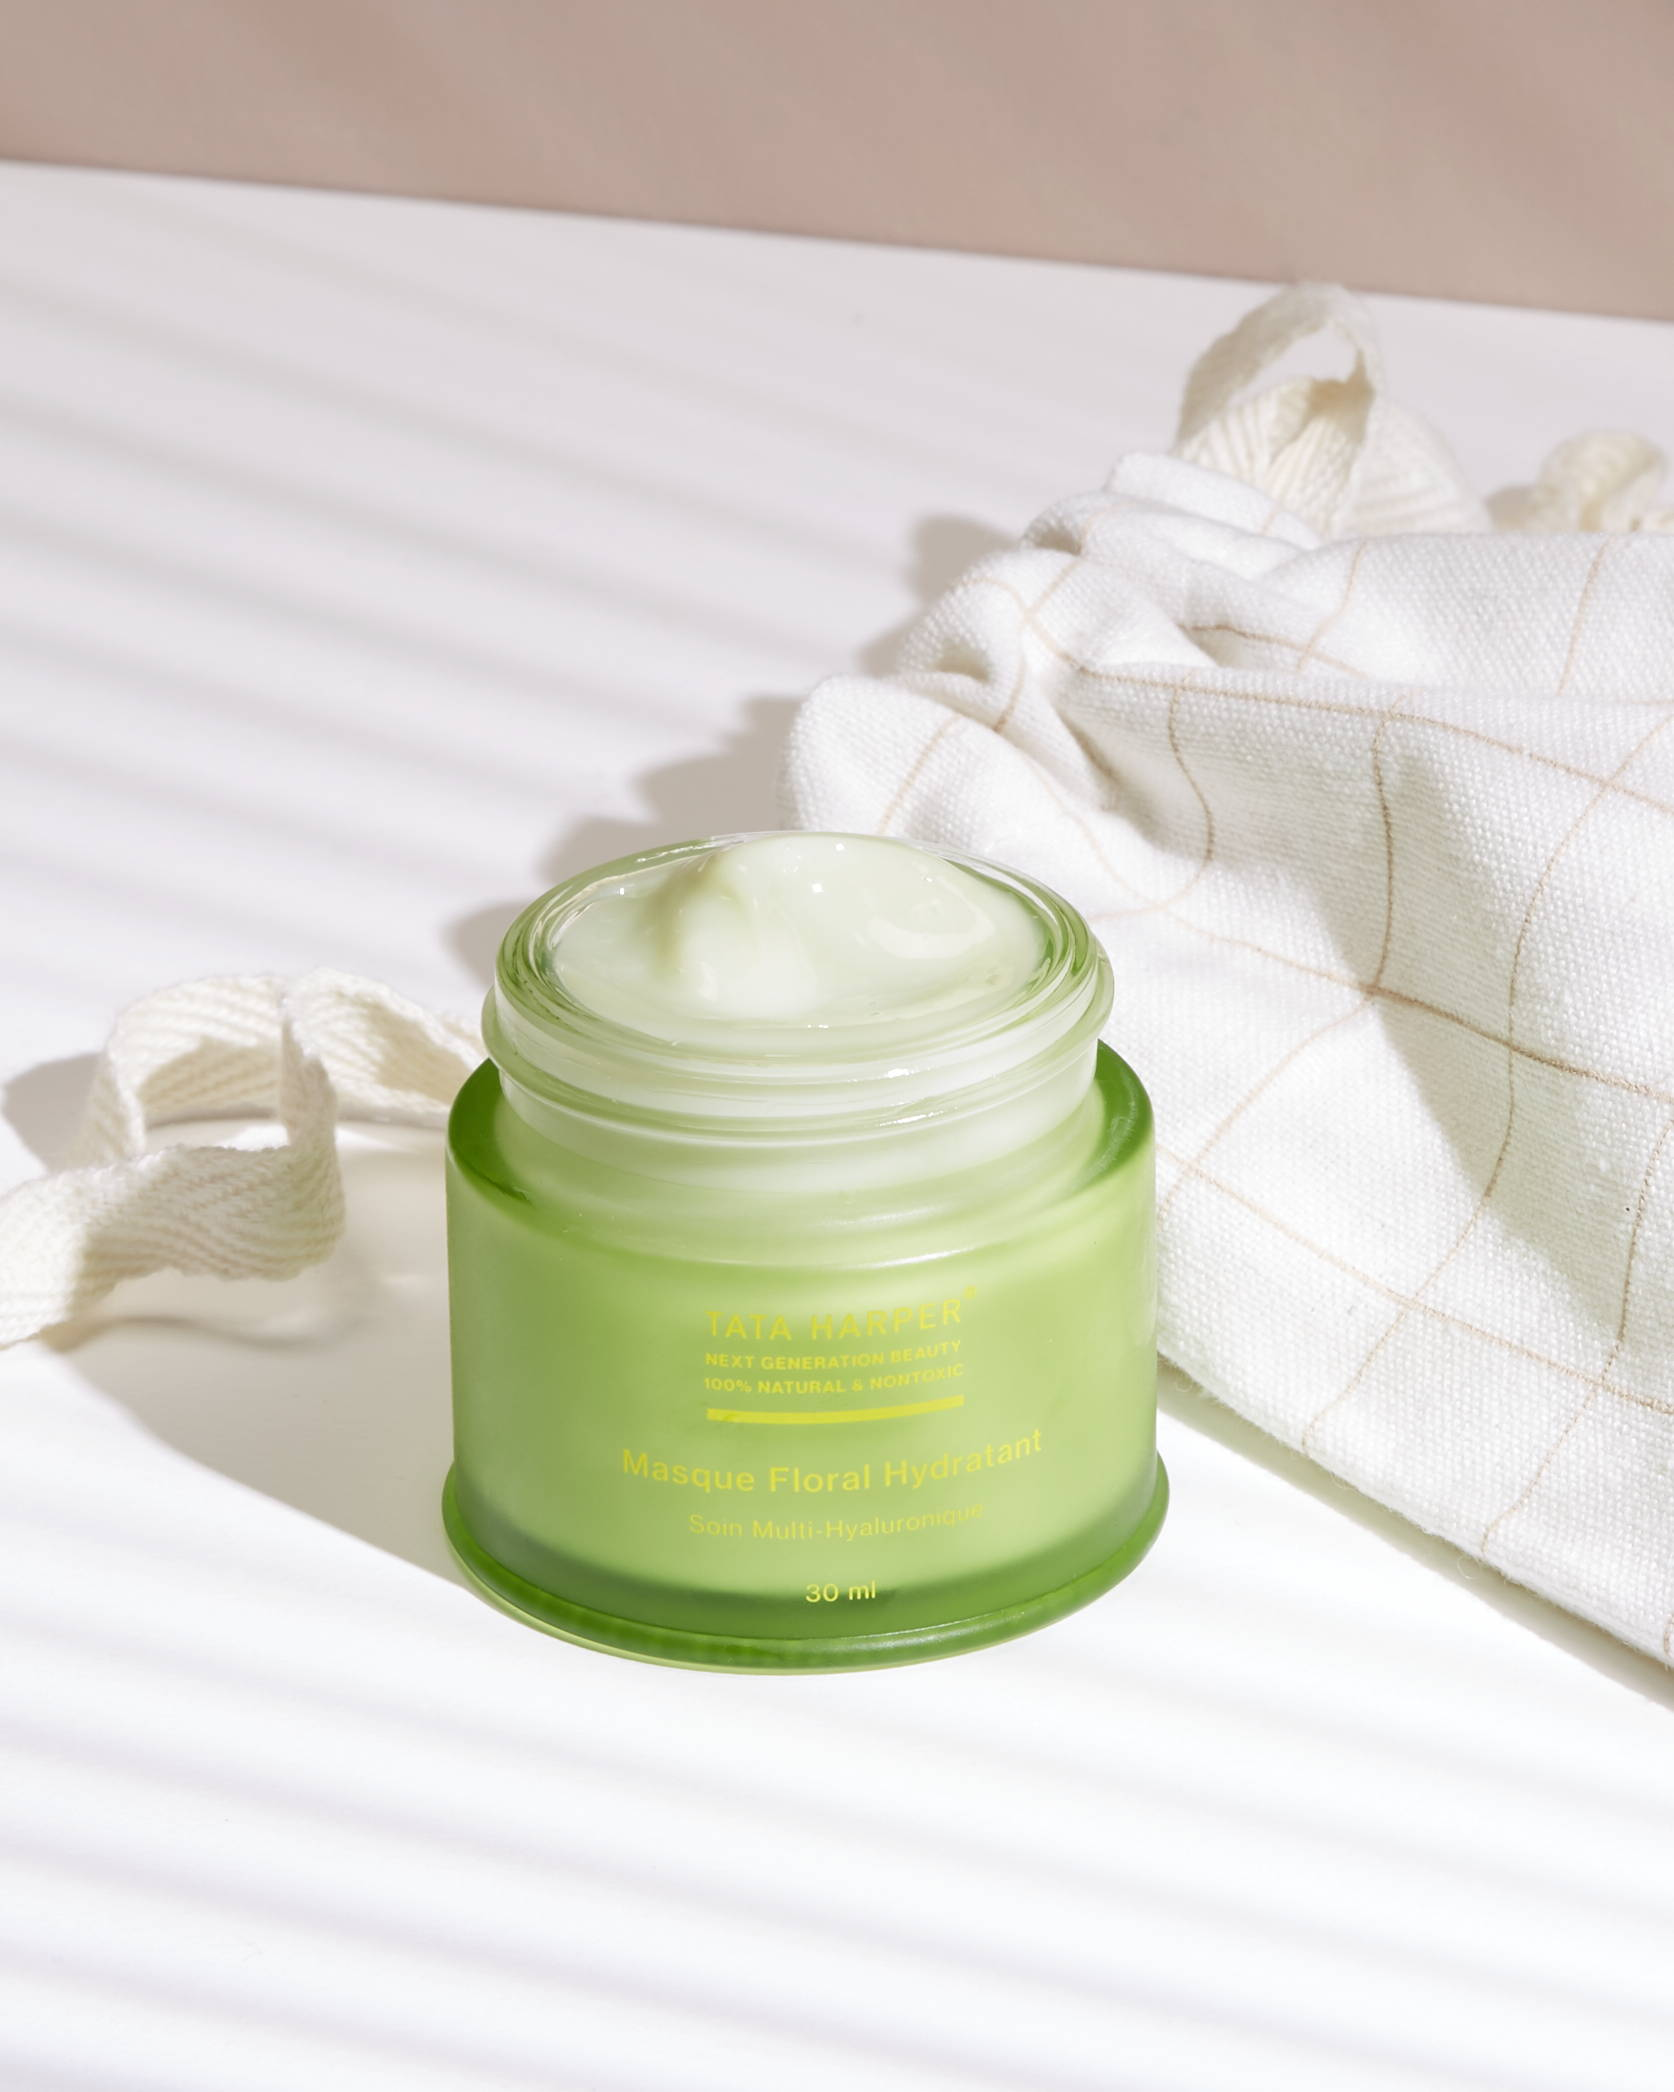 Hydrating Floral Mask de Tata Harper: texture en gelée épaisse